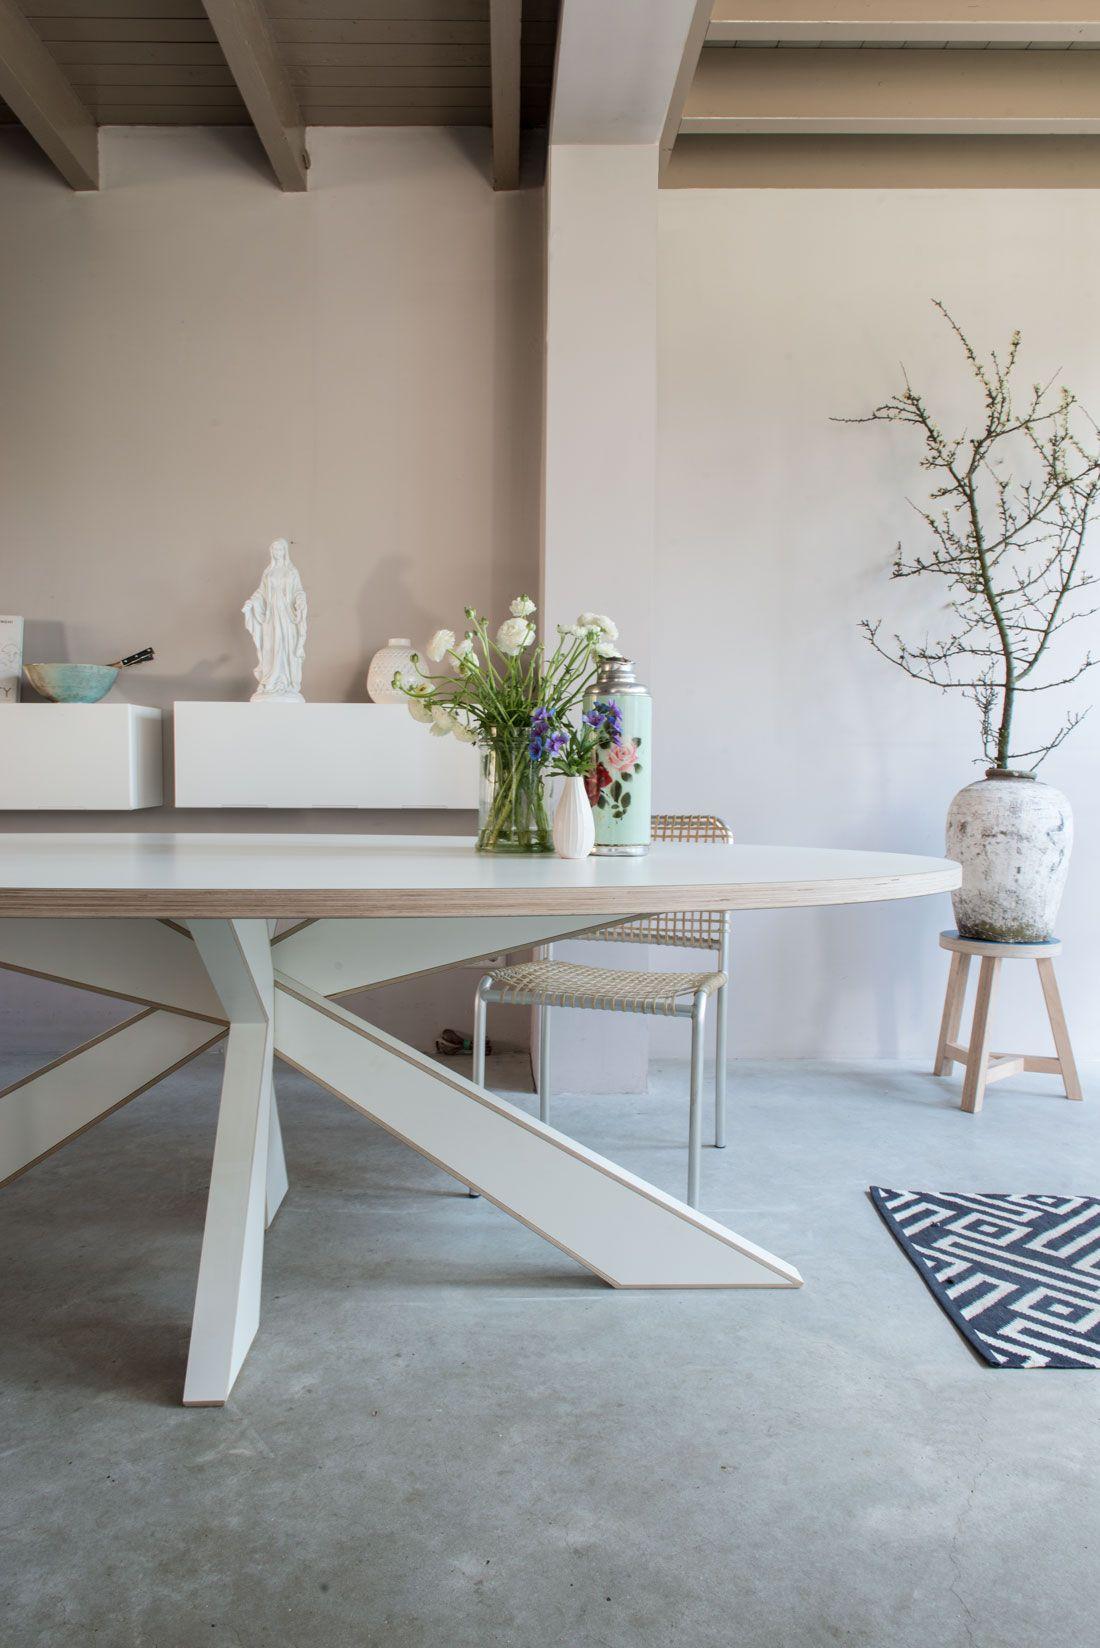 Design Witte Eettafel.Longlegs Cc In 2019 Eettafel Ovalen Tafel En Witte Eettafel